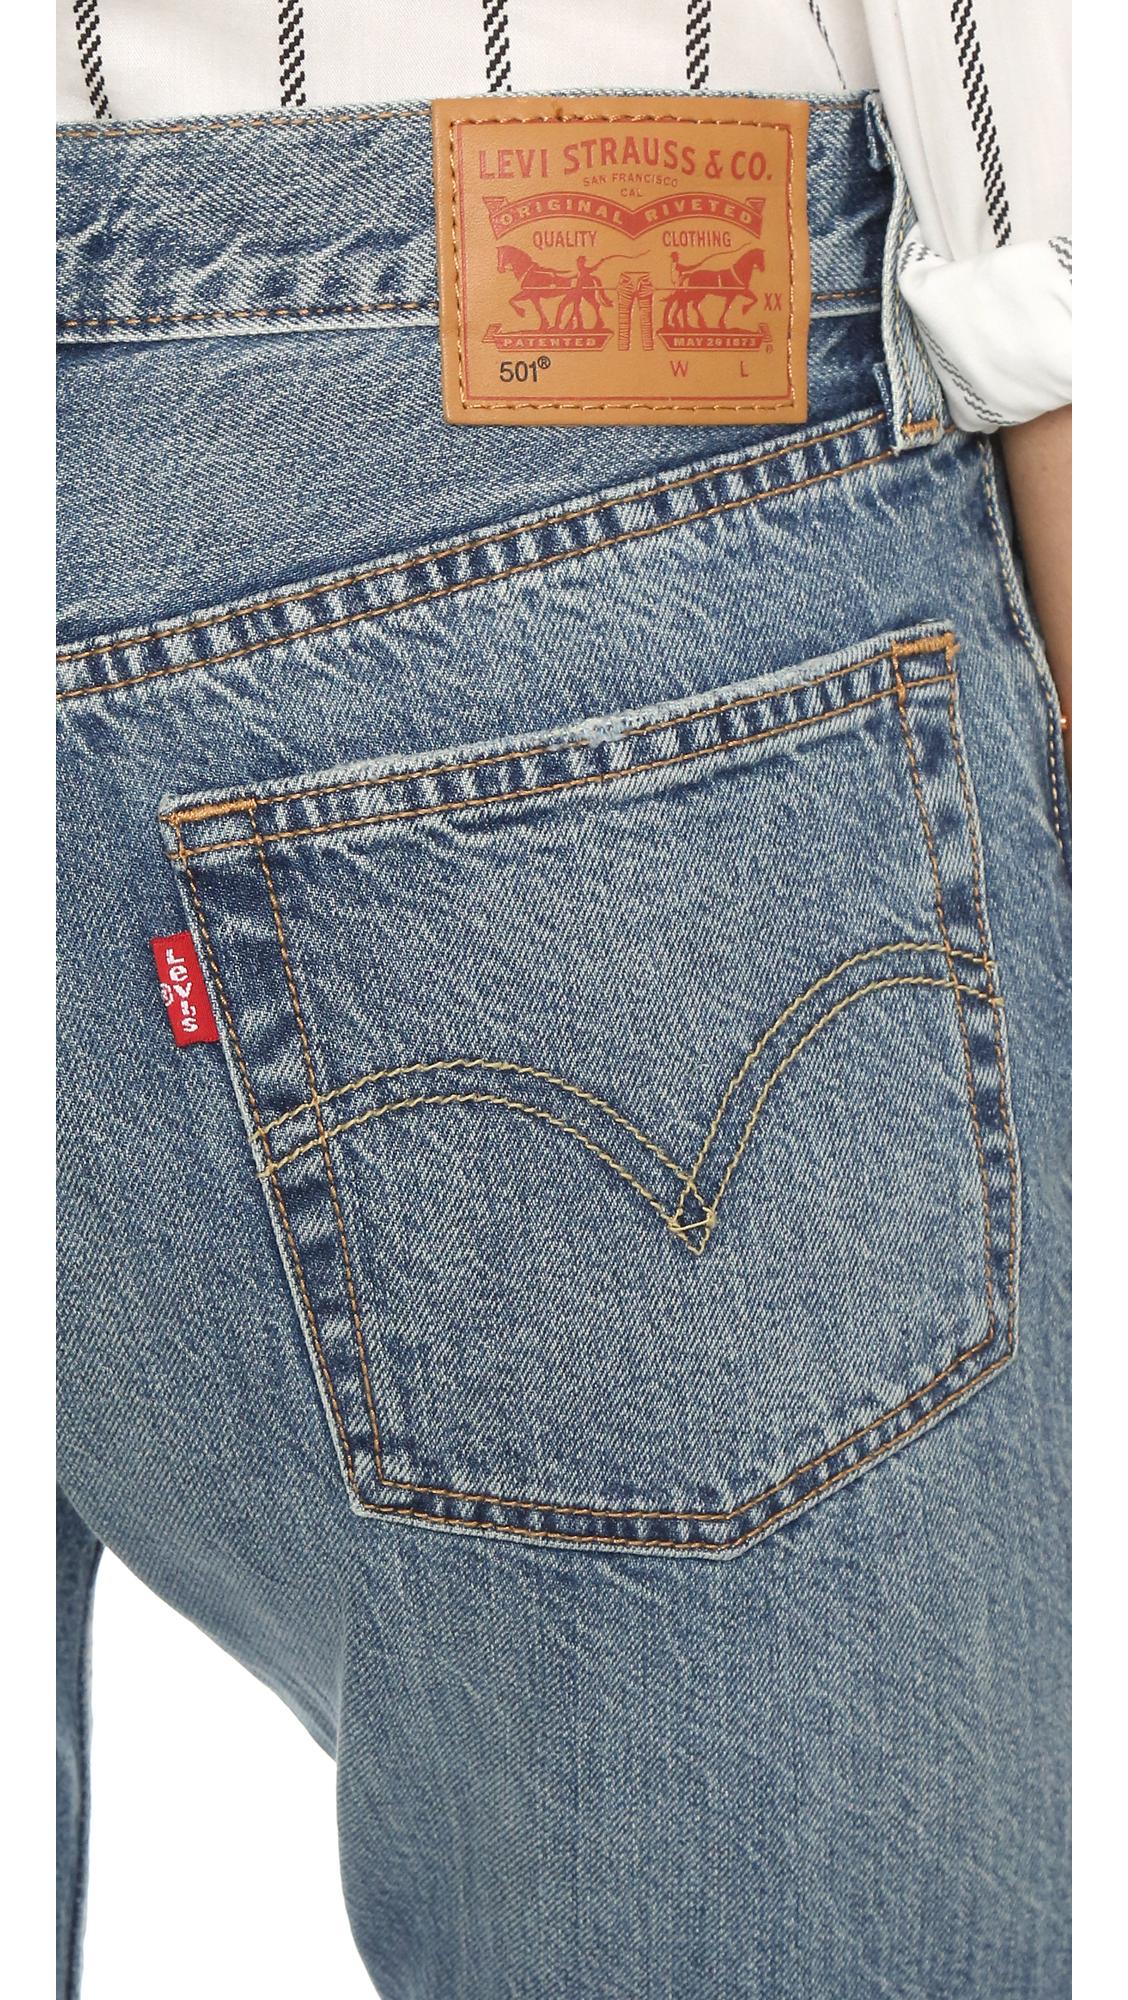 Levis 501 Jeans Shopbop